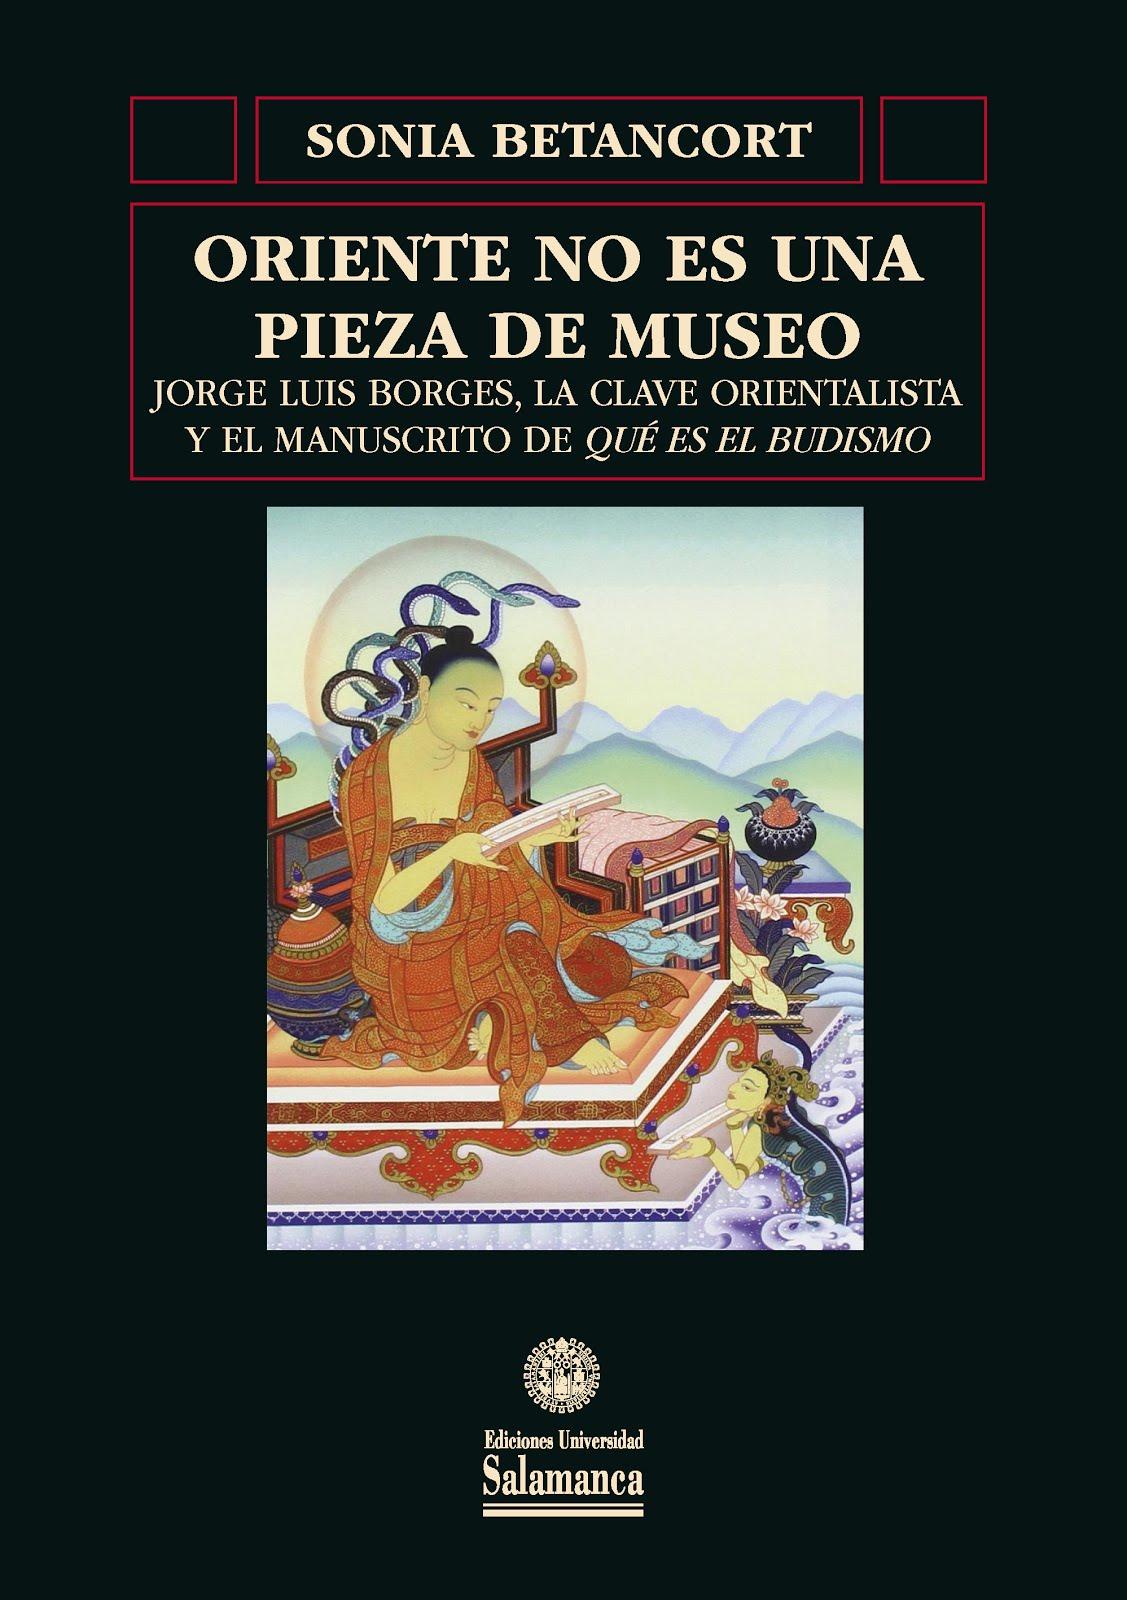 LIBRO: ORIENTE NO ES UNA PIEZA DE MUSEO